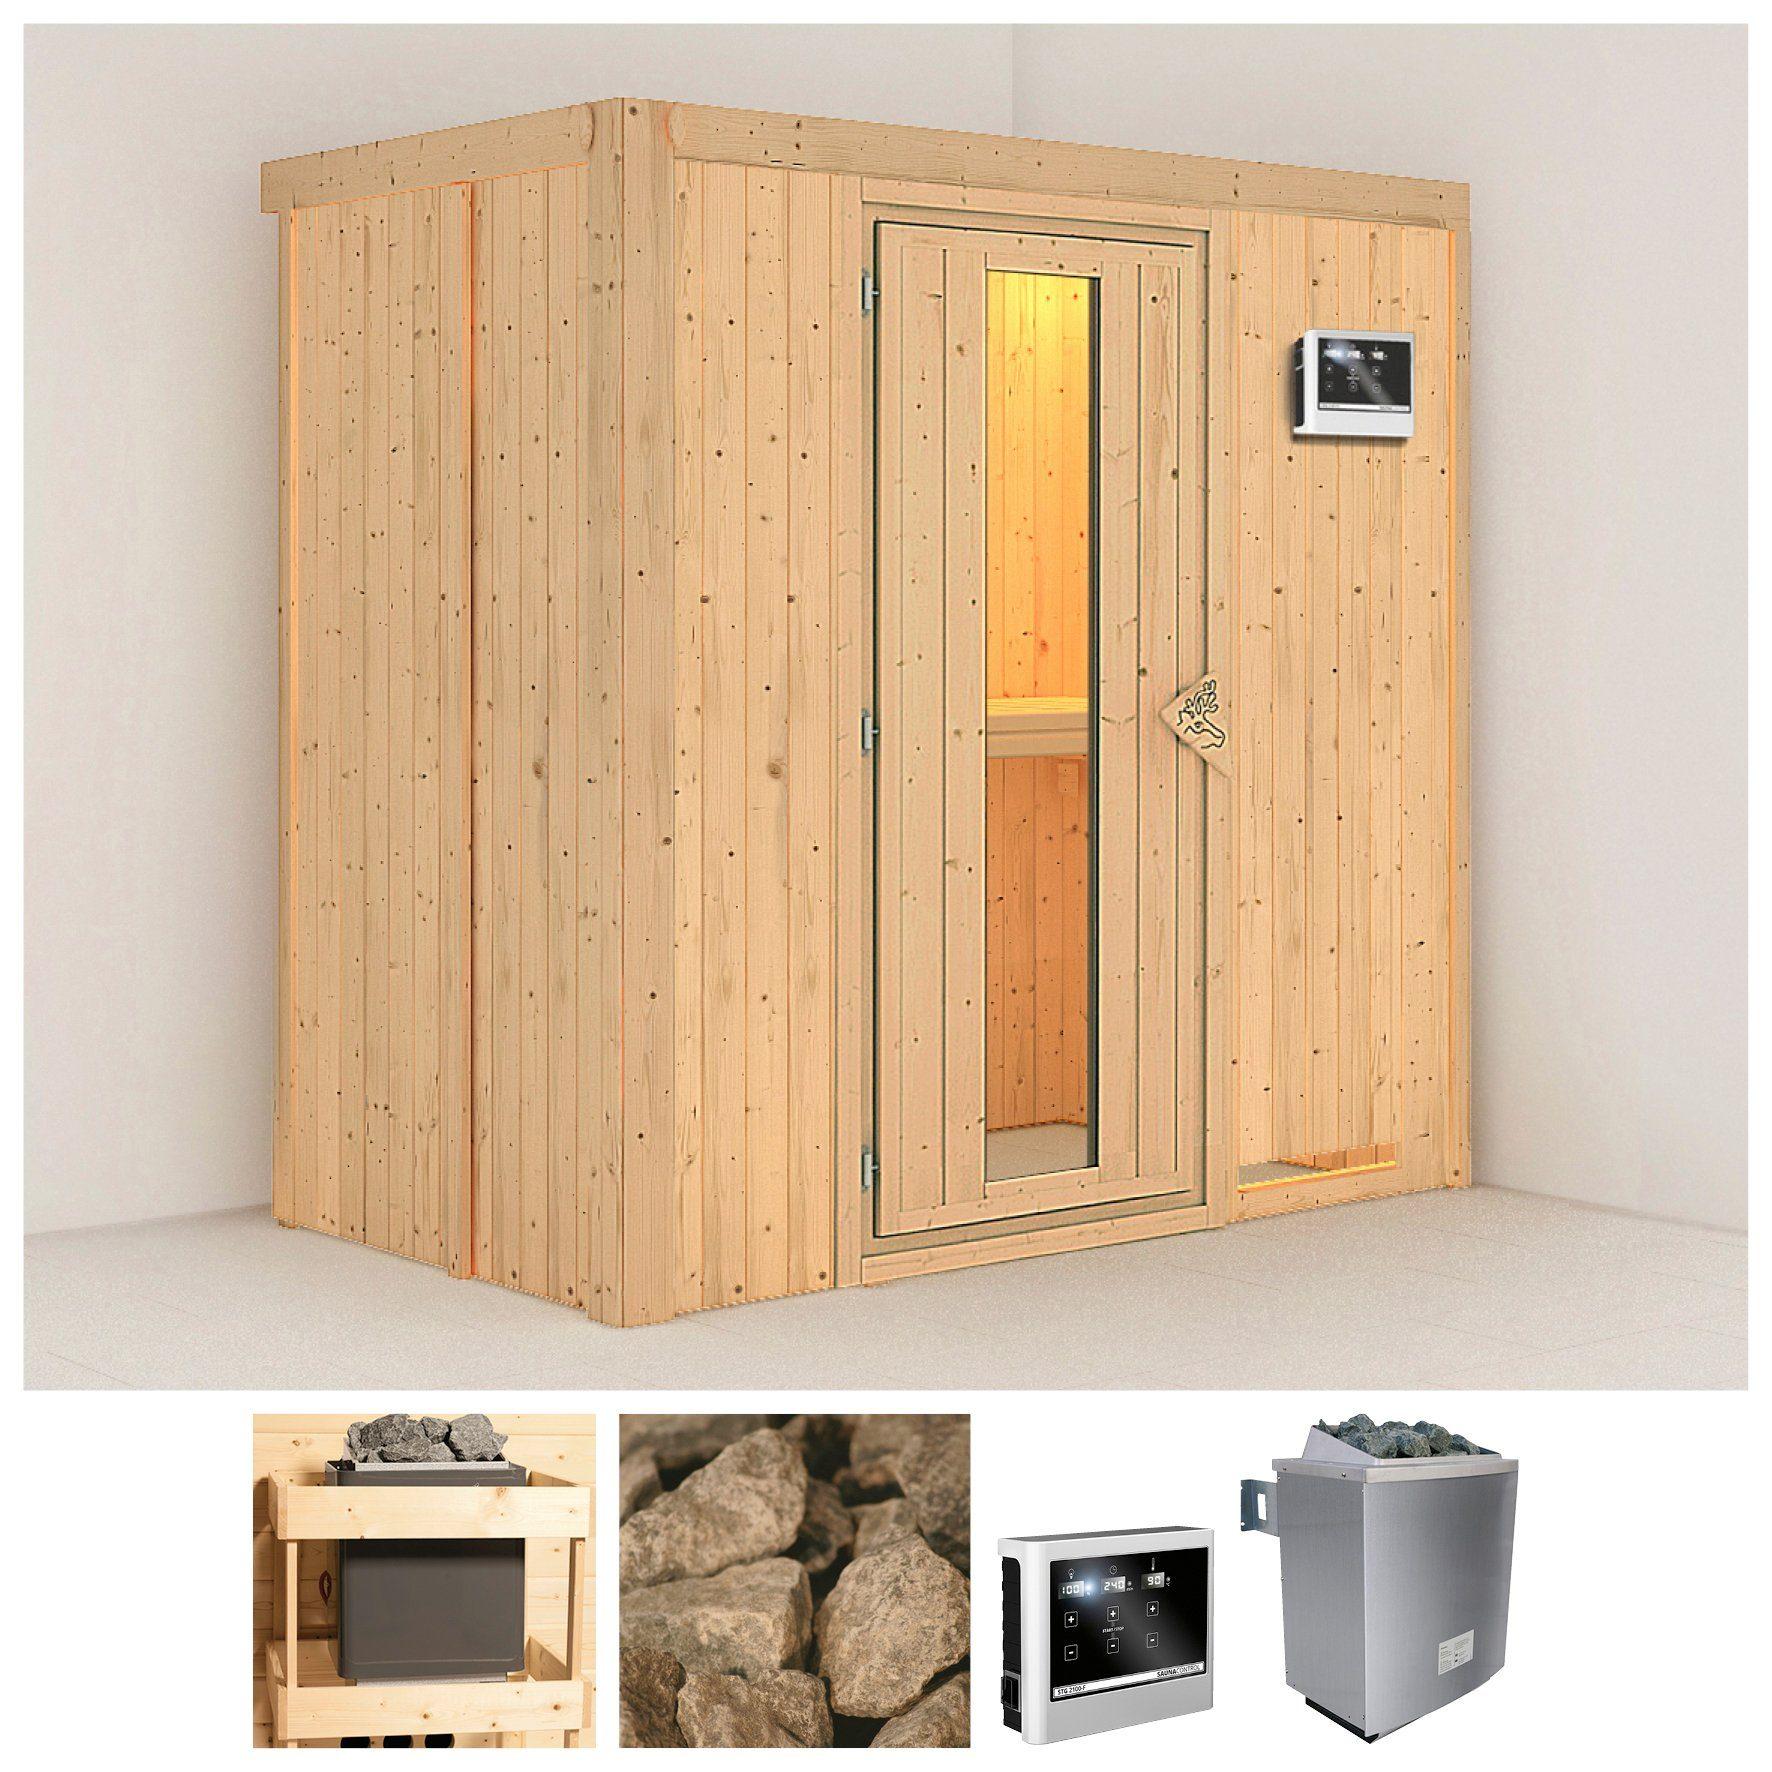 KONIFERA Sauna »Variado«, 196/118/198 cm, 9-kW-Ofen mit ext. Steuerung, Holztür